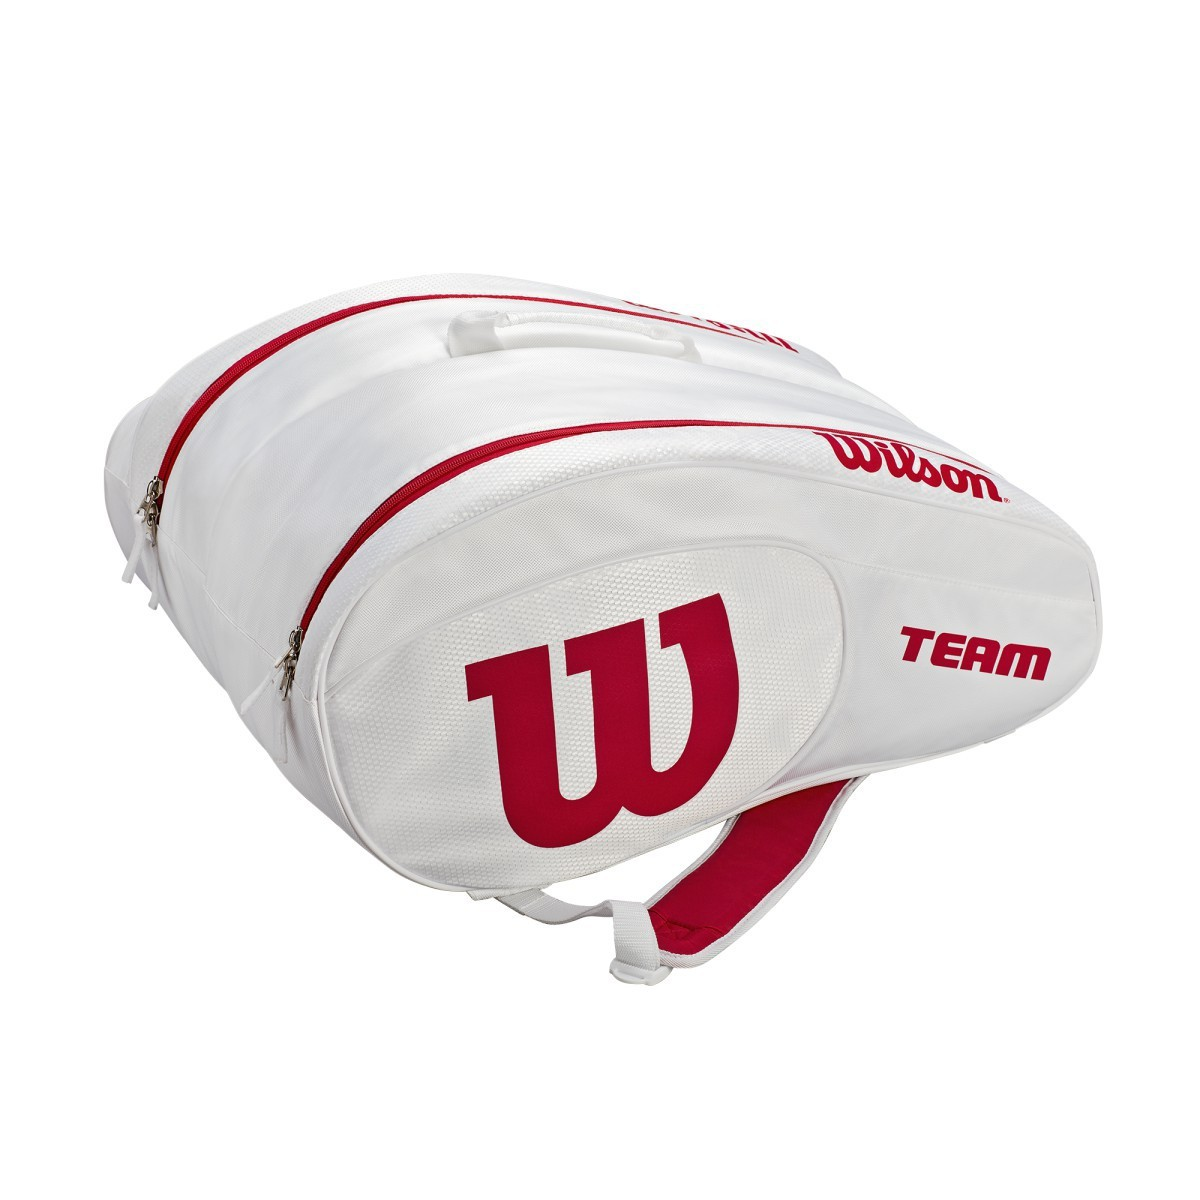 Raqueteira Wilson ESP Team Padel Beach Tennis Branca Vermelha  - REAL ESPORTE